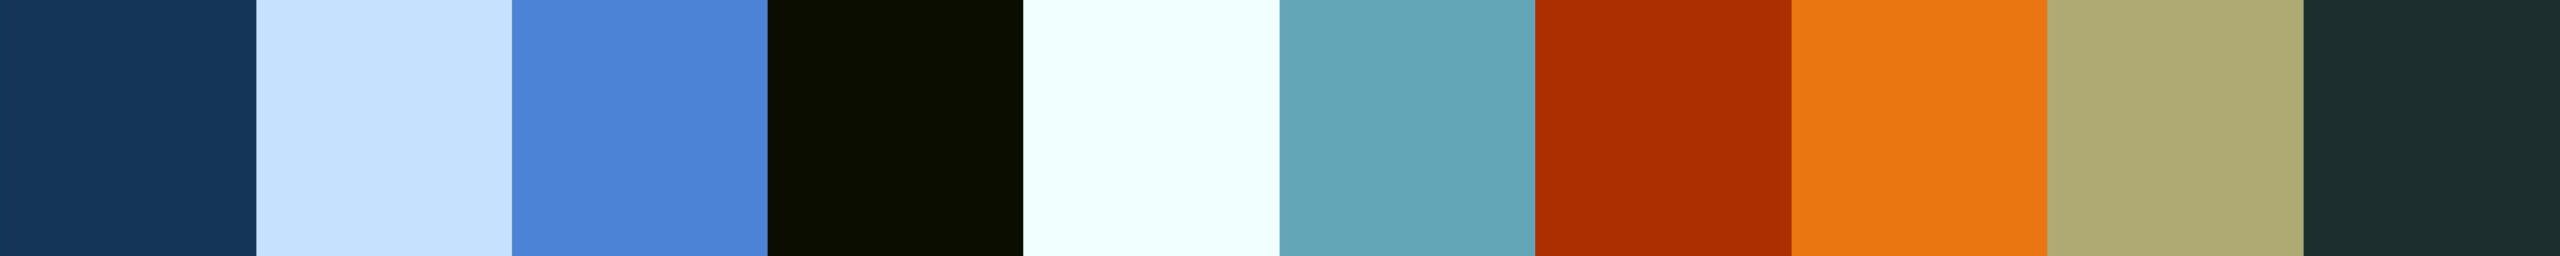 145 Pielaza Color Palette